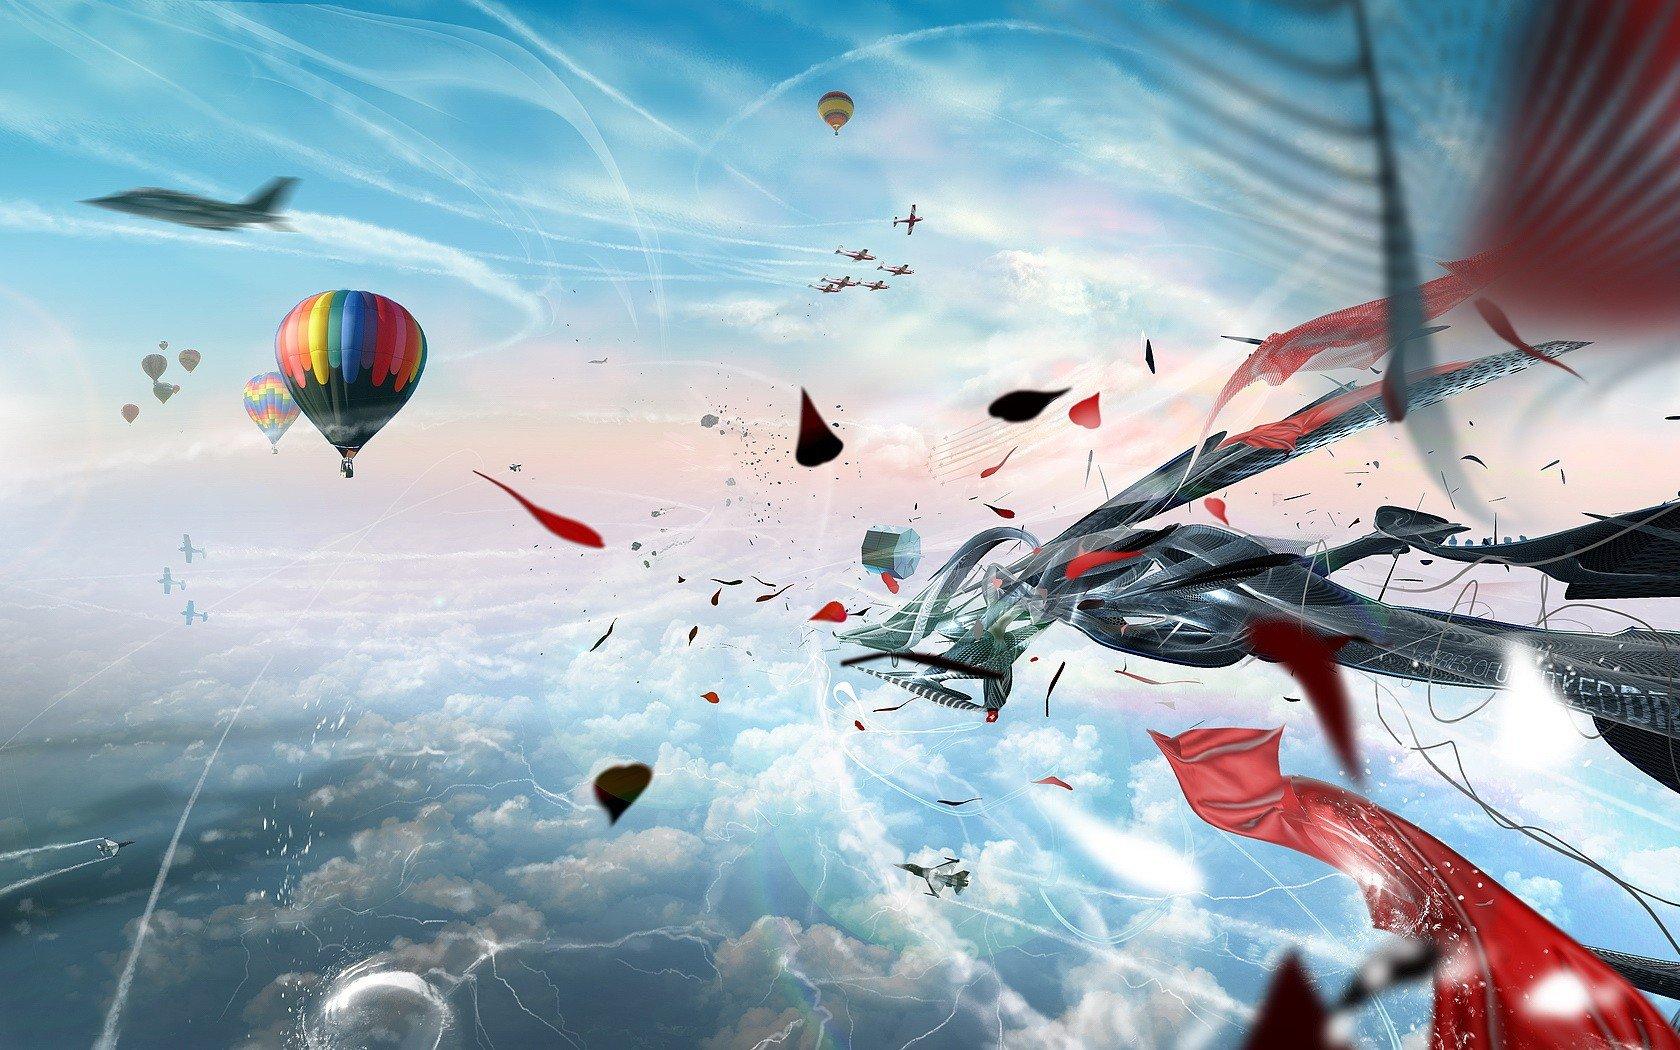 Обои воздушные шары, Облака, аэростаты, Монгольфьеры. Авиация foto 14